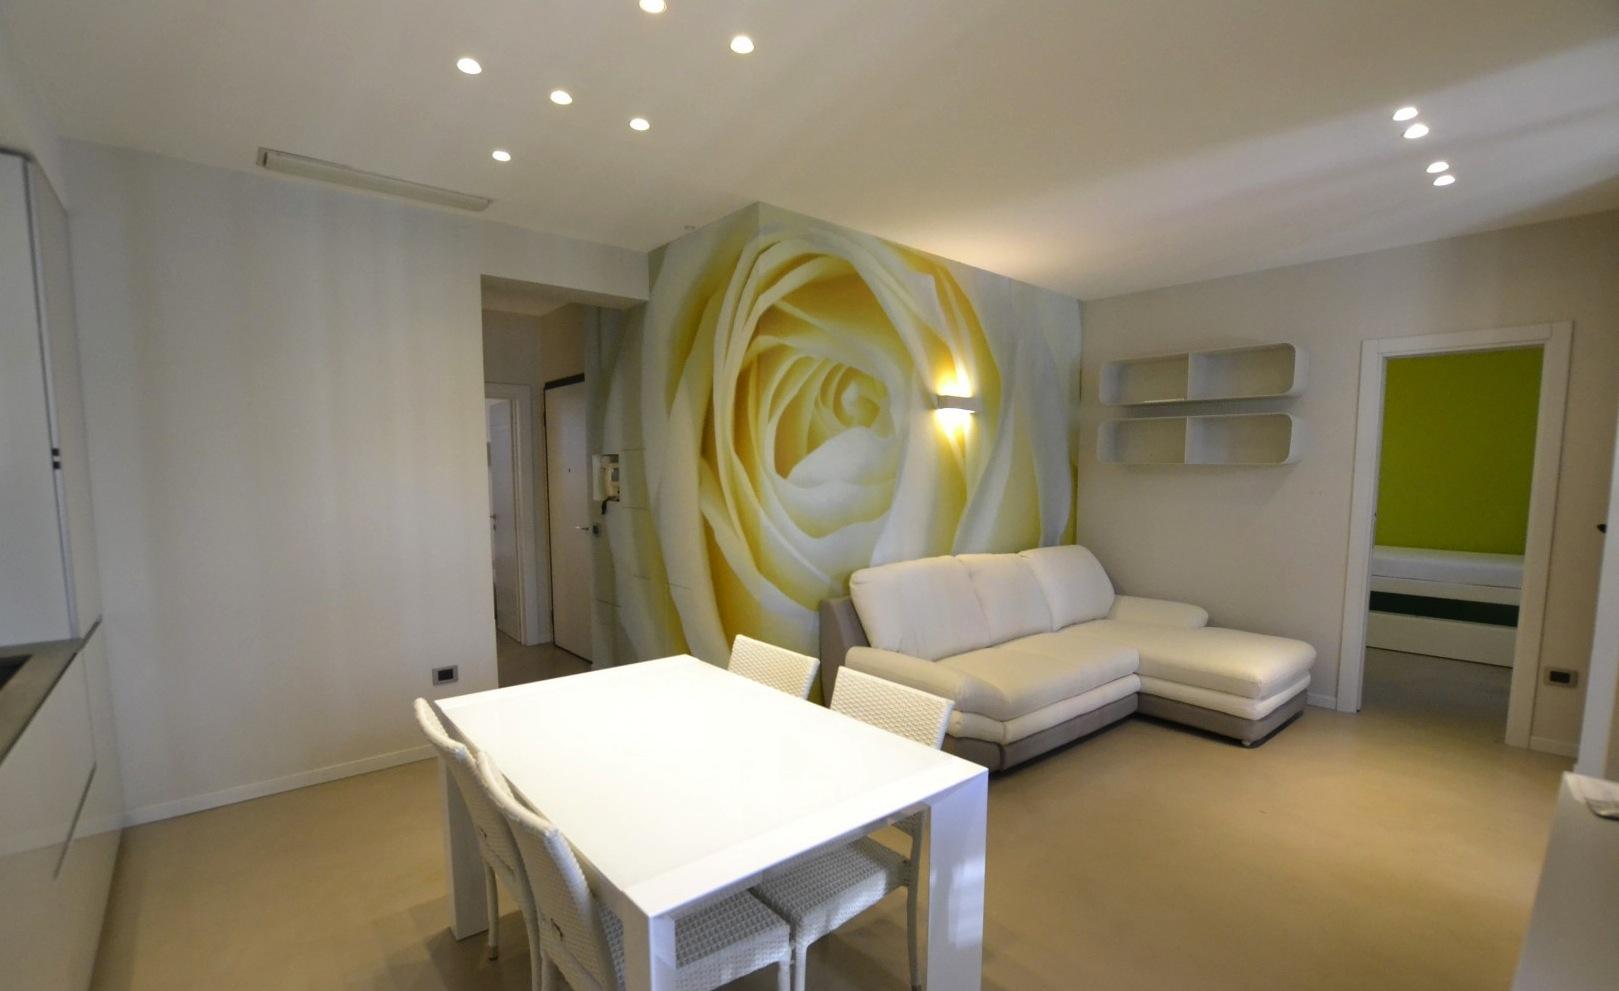 Riccione abissinia centro appartamento in affitto stagionale con giardino - Bagno 70 riccione ...